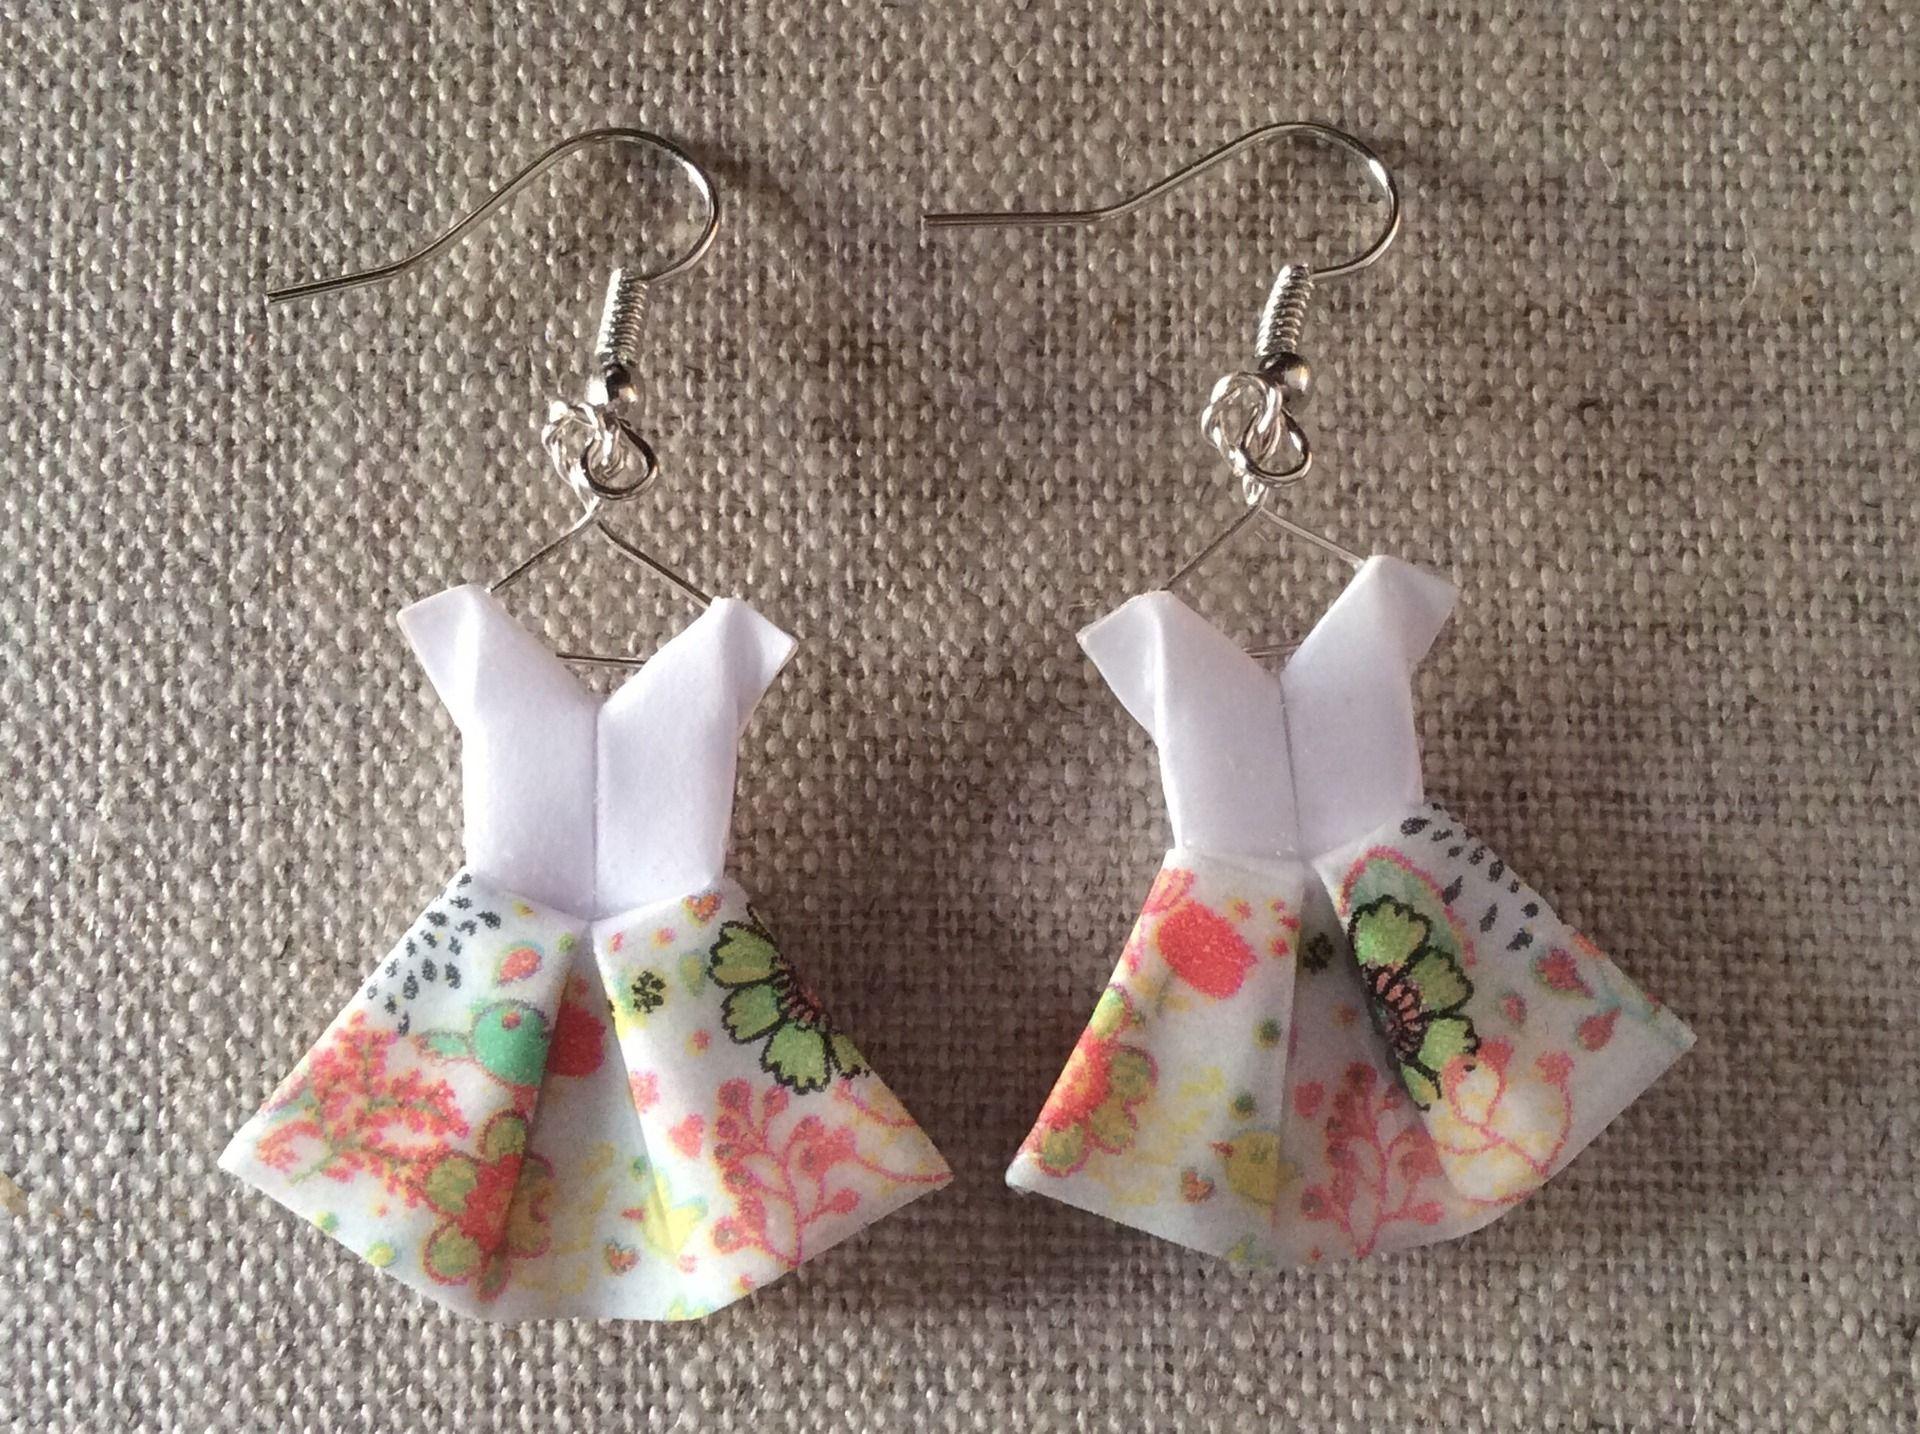 Boucles d 39 oreille robes fleurs en origami fleur en origami origami et oreilles - Robe en origami ...